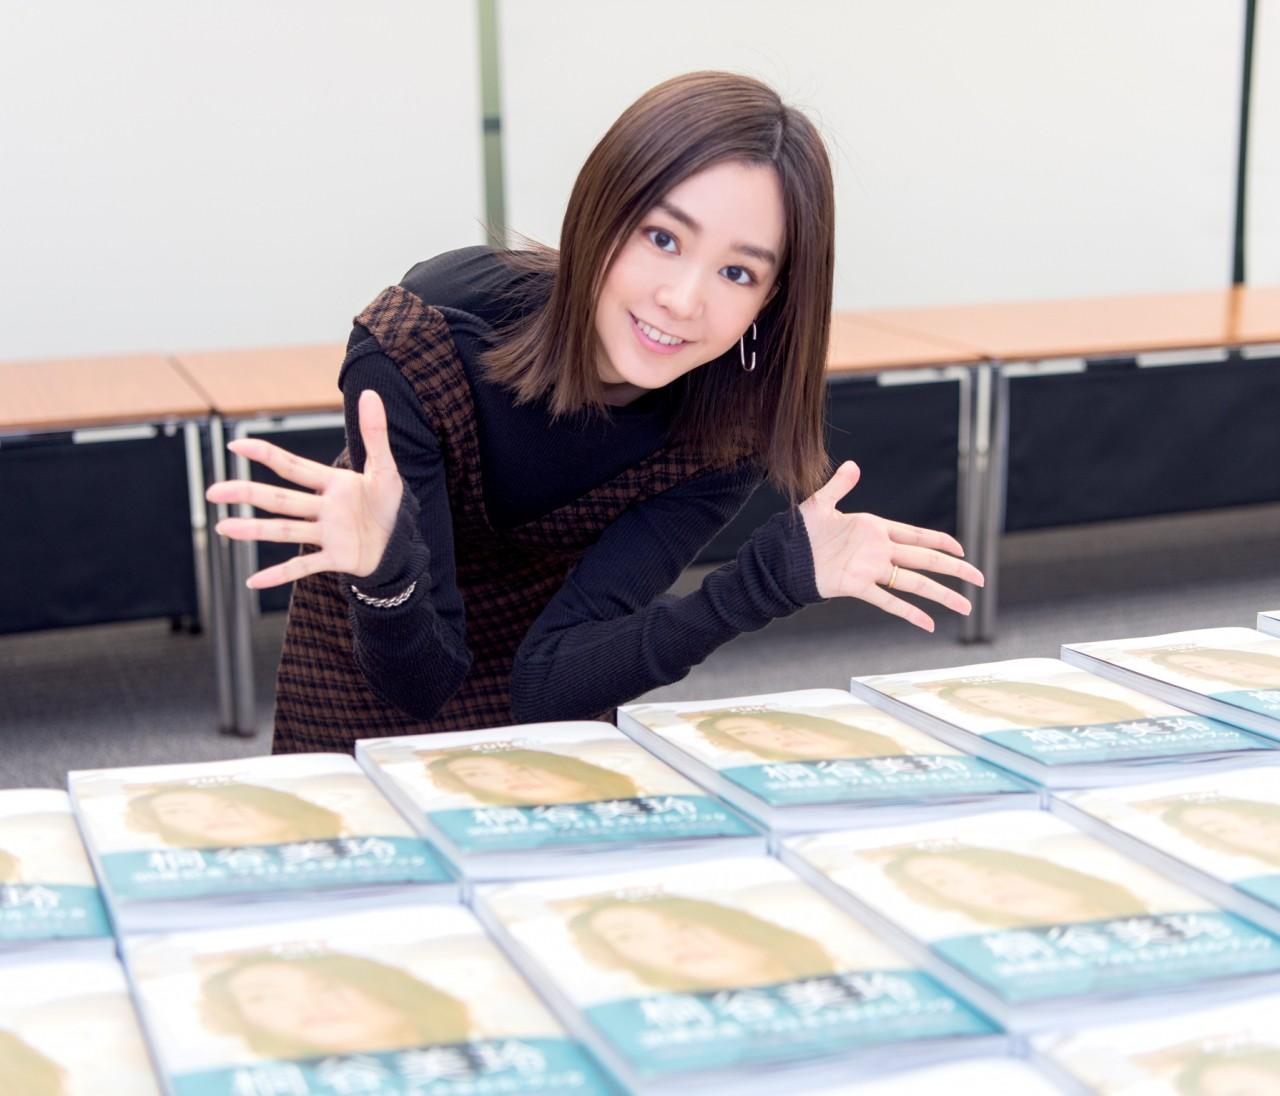 【桐谷美玲】1000冊にサイン完了♡ 30歳記念フォト&スタイルブック『zukan』発売直前密着レポ速報!